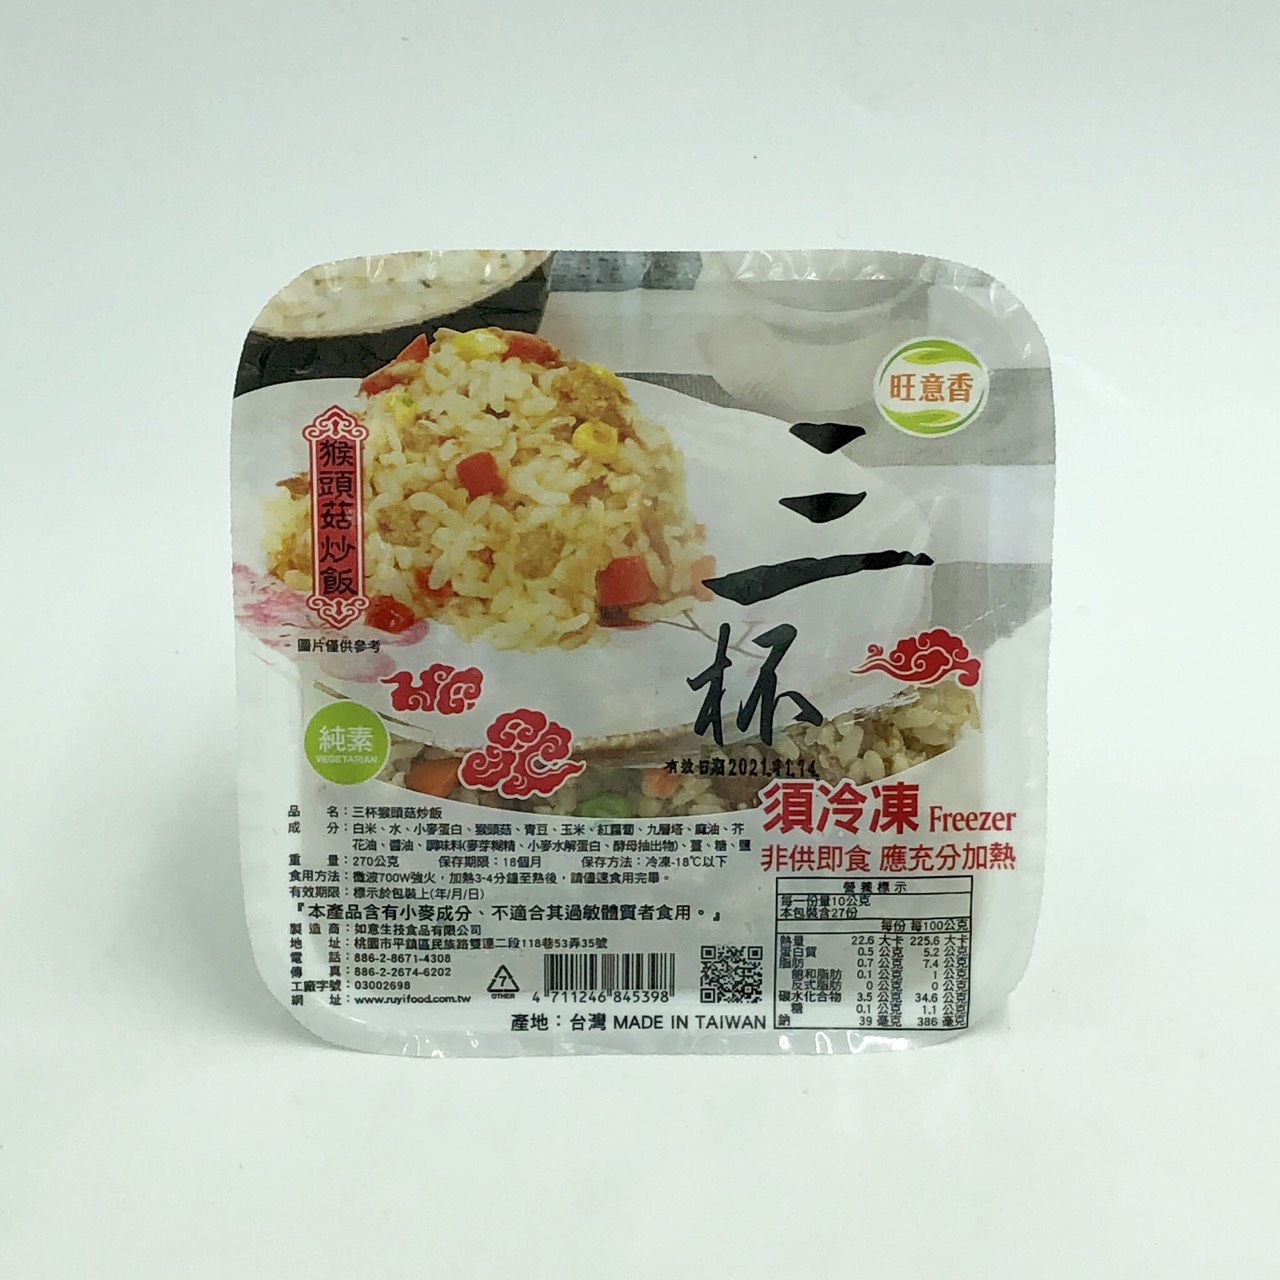 (旺意香)三杯猴頭菇炒飯270g(全素)